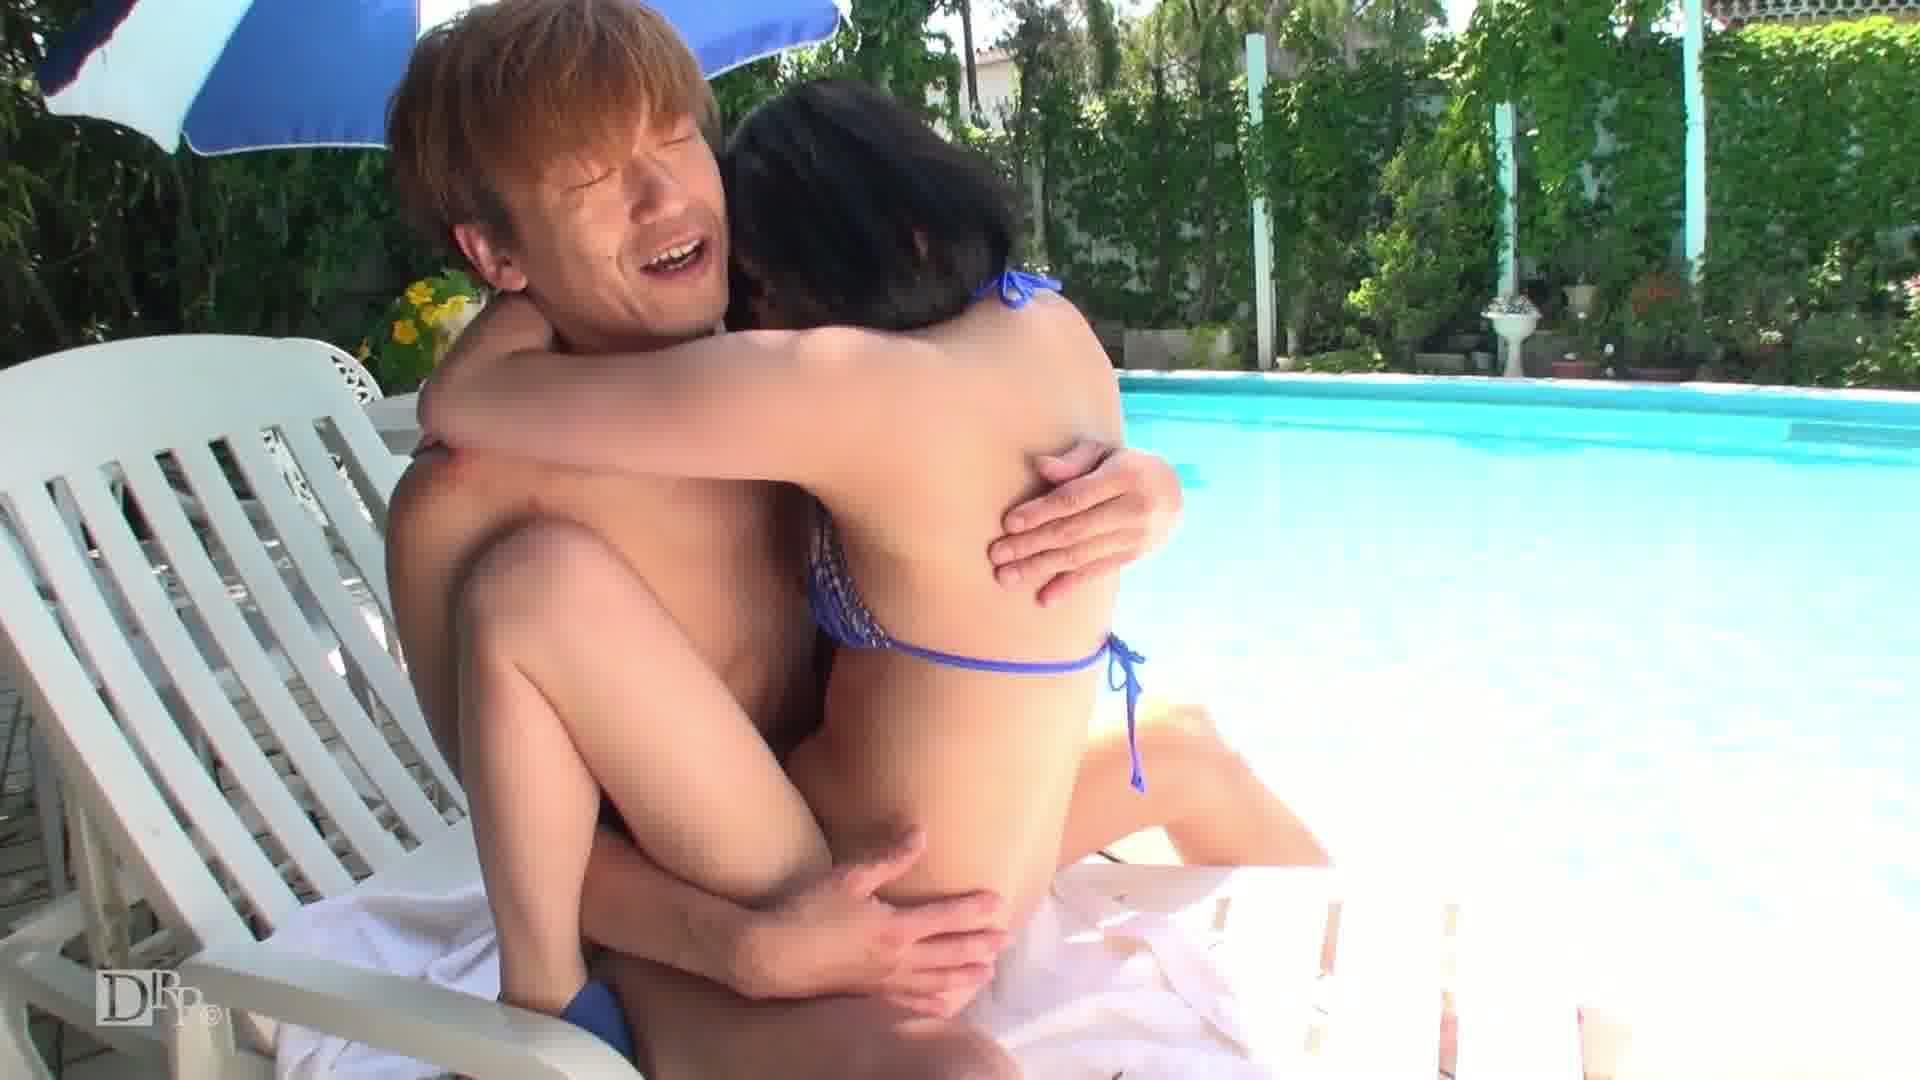 天然美少女と真夏の水着SEX! - 青山未来【座位 フェラ 外 水着】